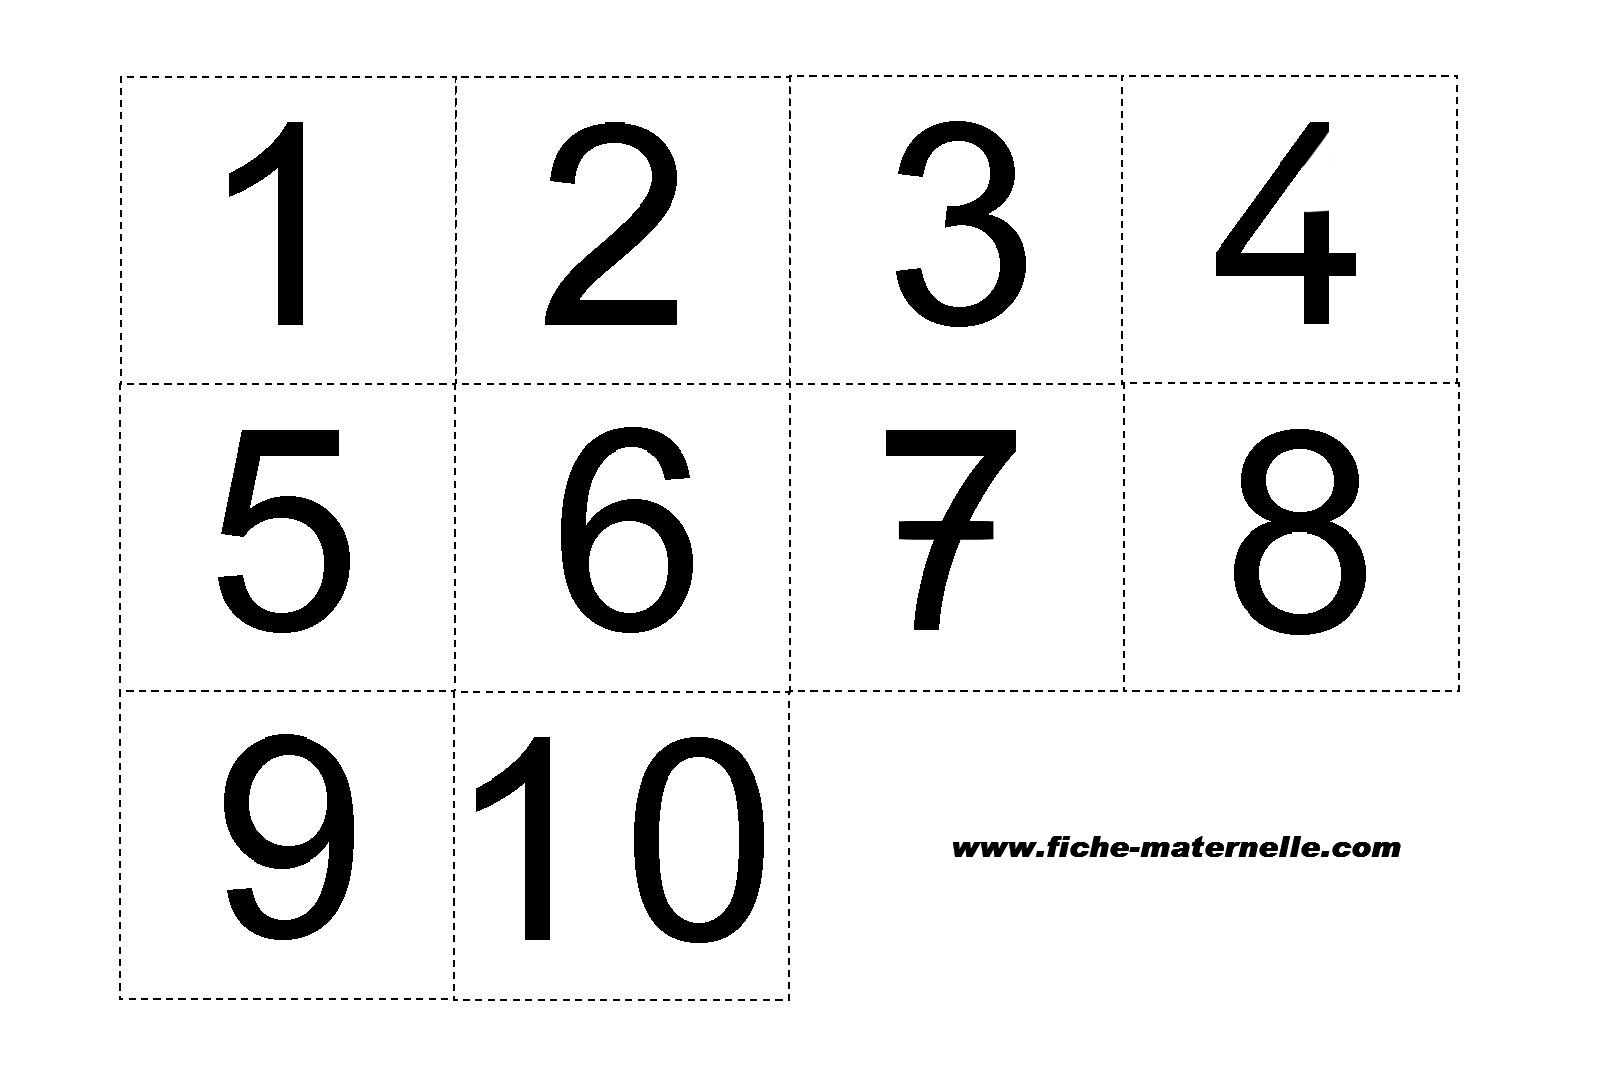 Etiquettes des chiffres de 1 10 - Chiffre a imprimer gratuit ...